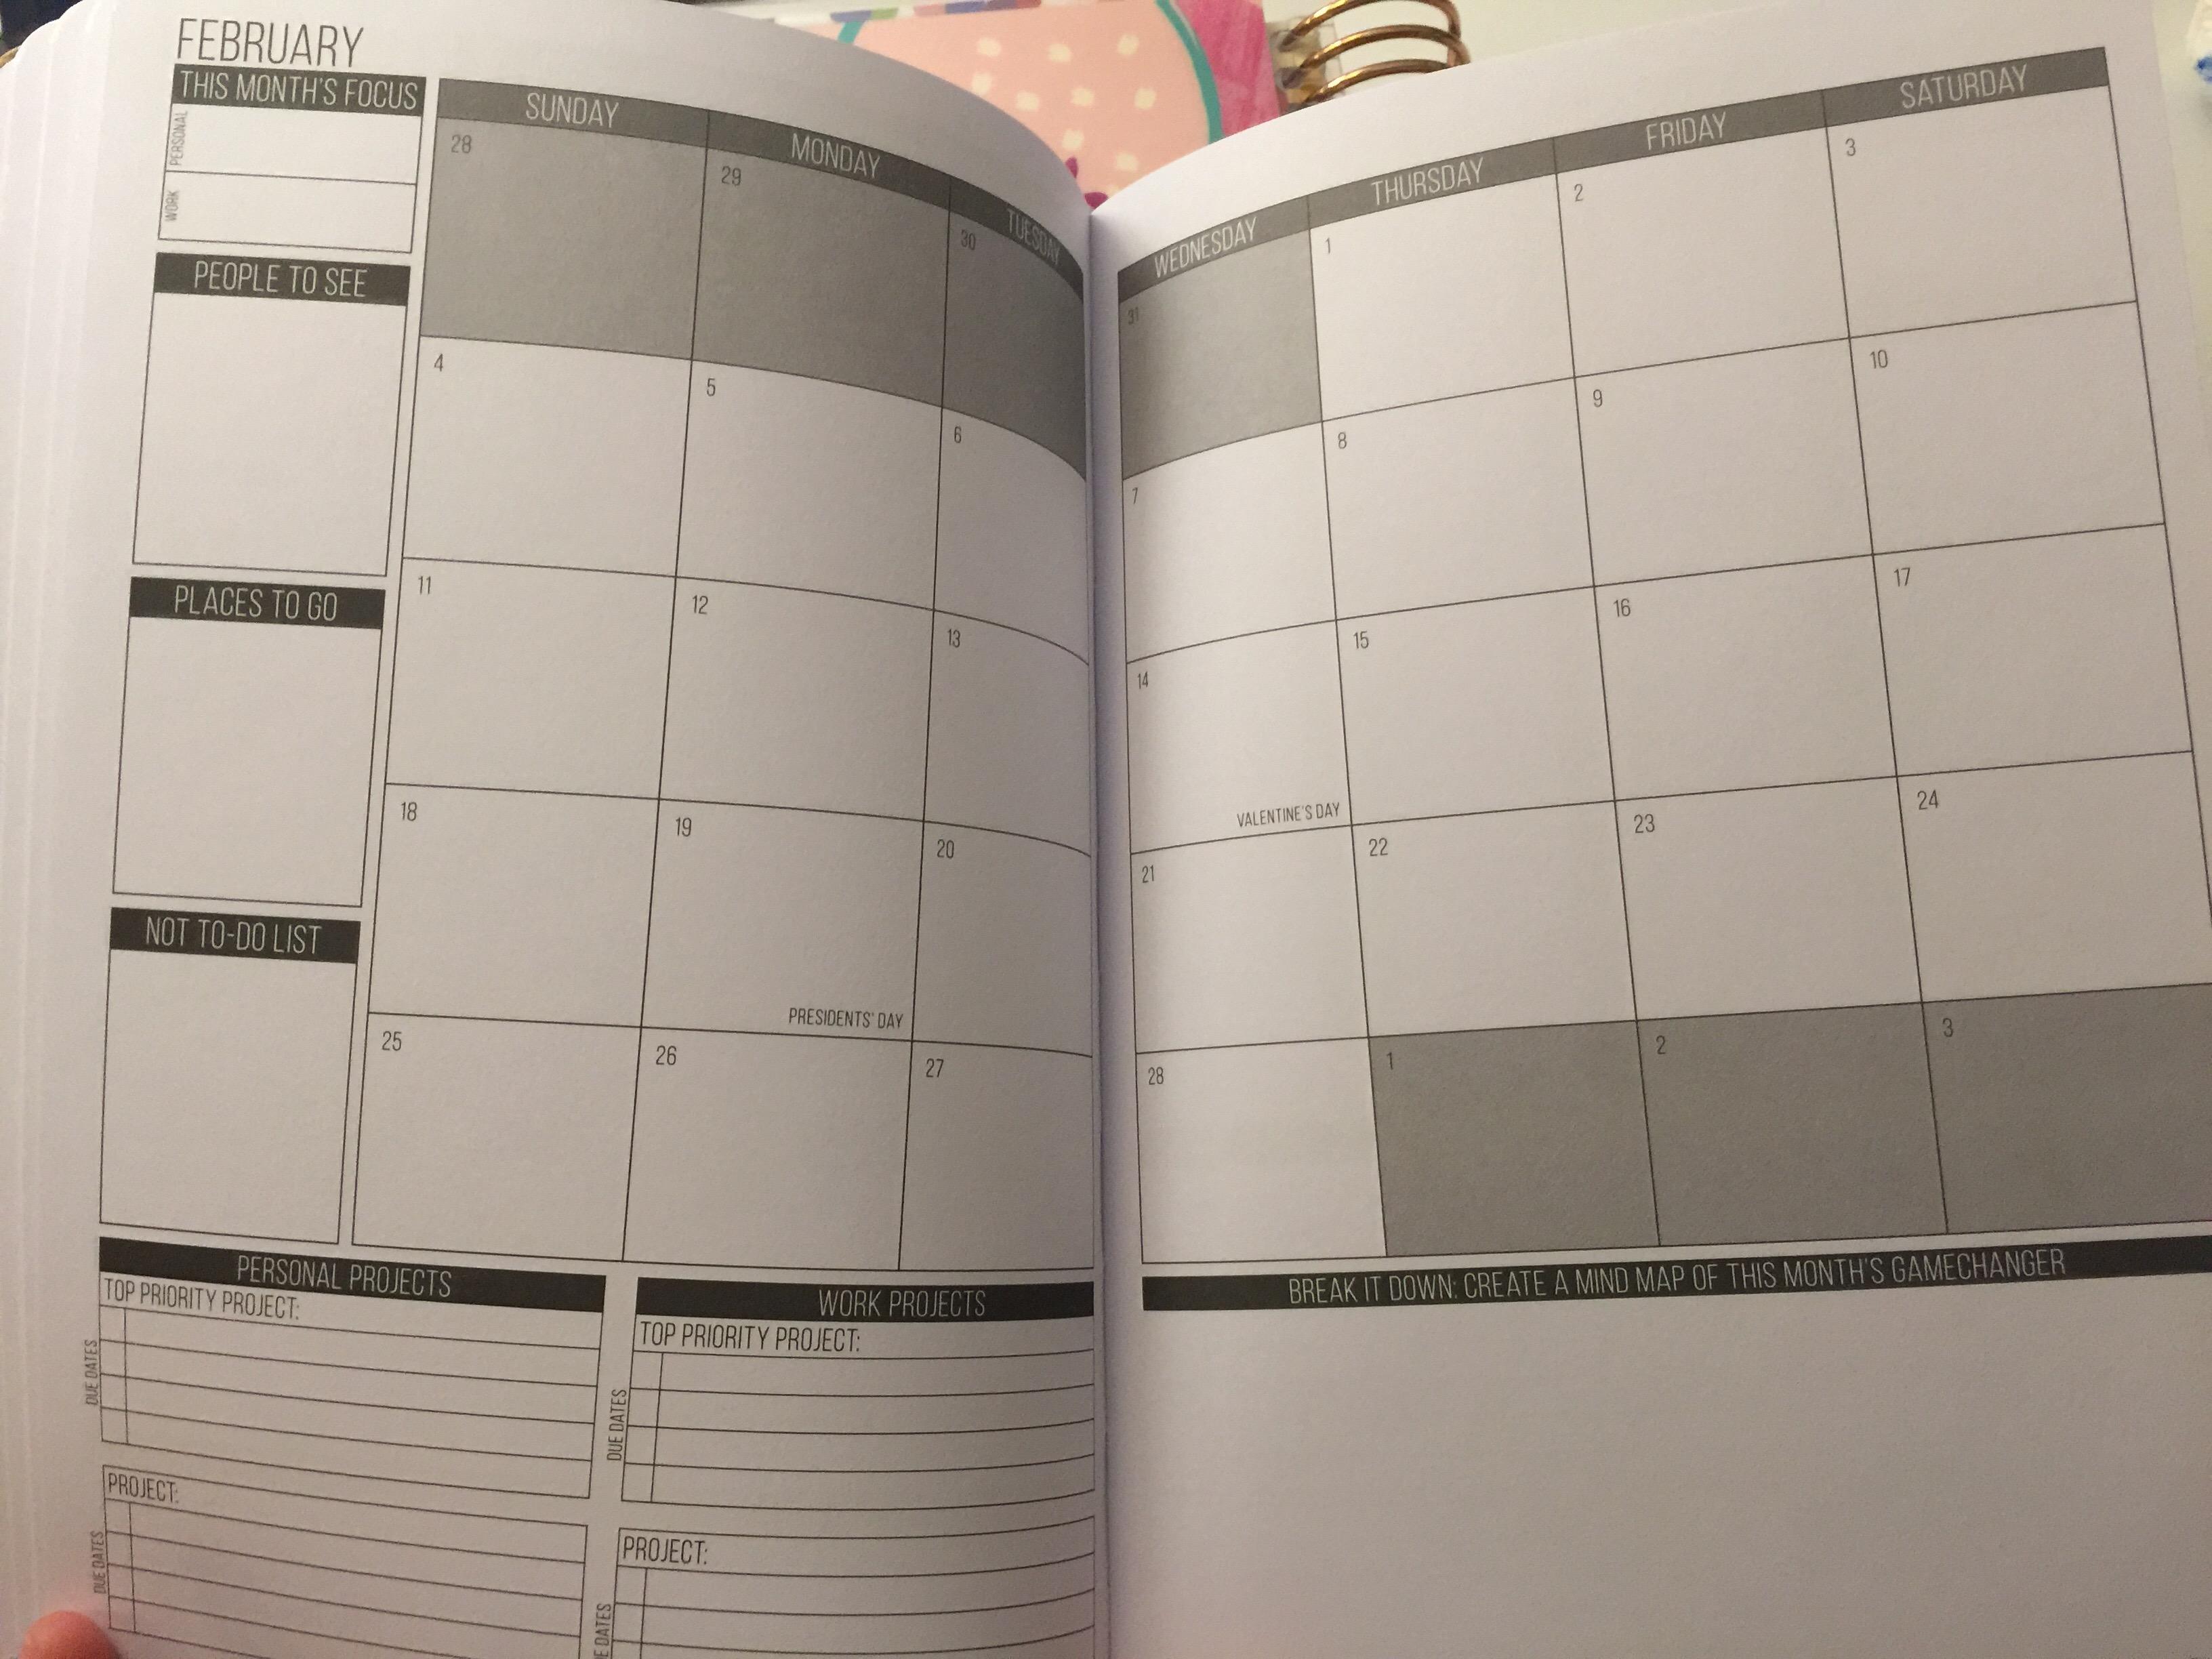 83e1f884e كل شهر يحتوي على صفحة بها تقويم يومي لأيام الشهر. ومربعات من أجل كتابة  ماتود التركيز عليه خلال هذه الشهر، والأشخاص الذين تود رؤيتهم، والأماكن التي  تحب أن ...